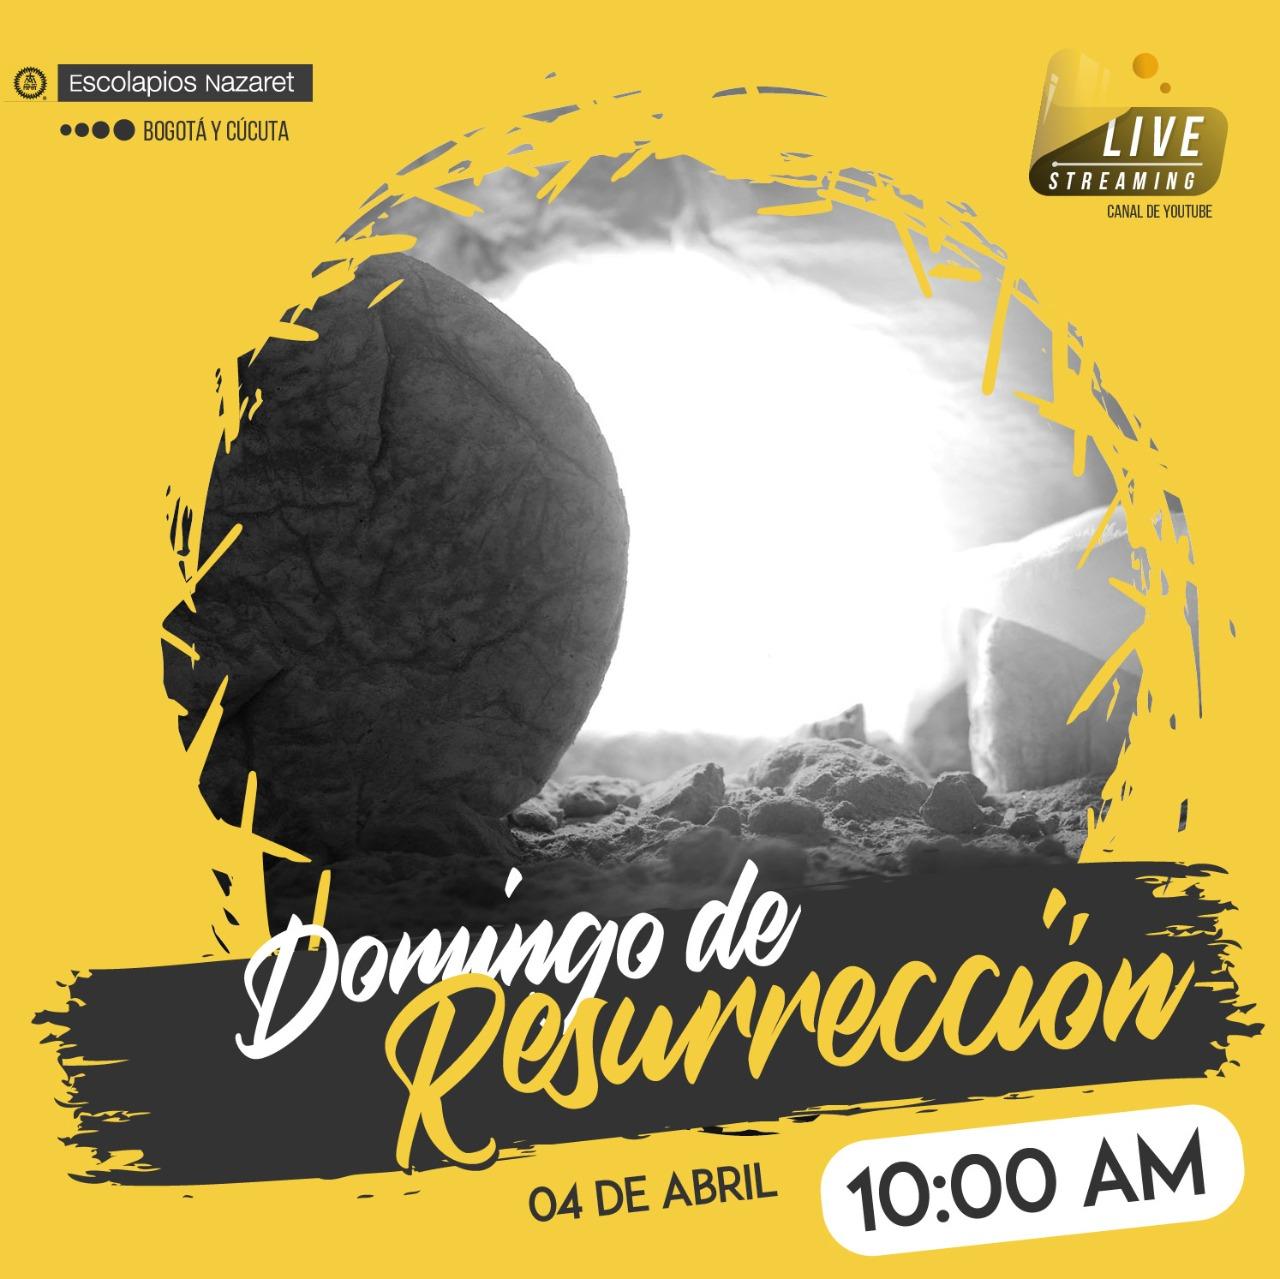 DOMINGO RESURRECCIÓN